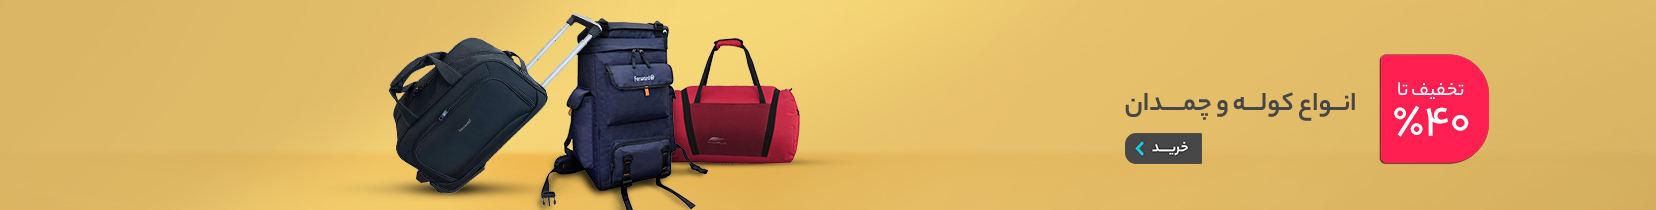 چمدان و کیف های مسافرتی شهرمال